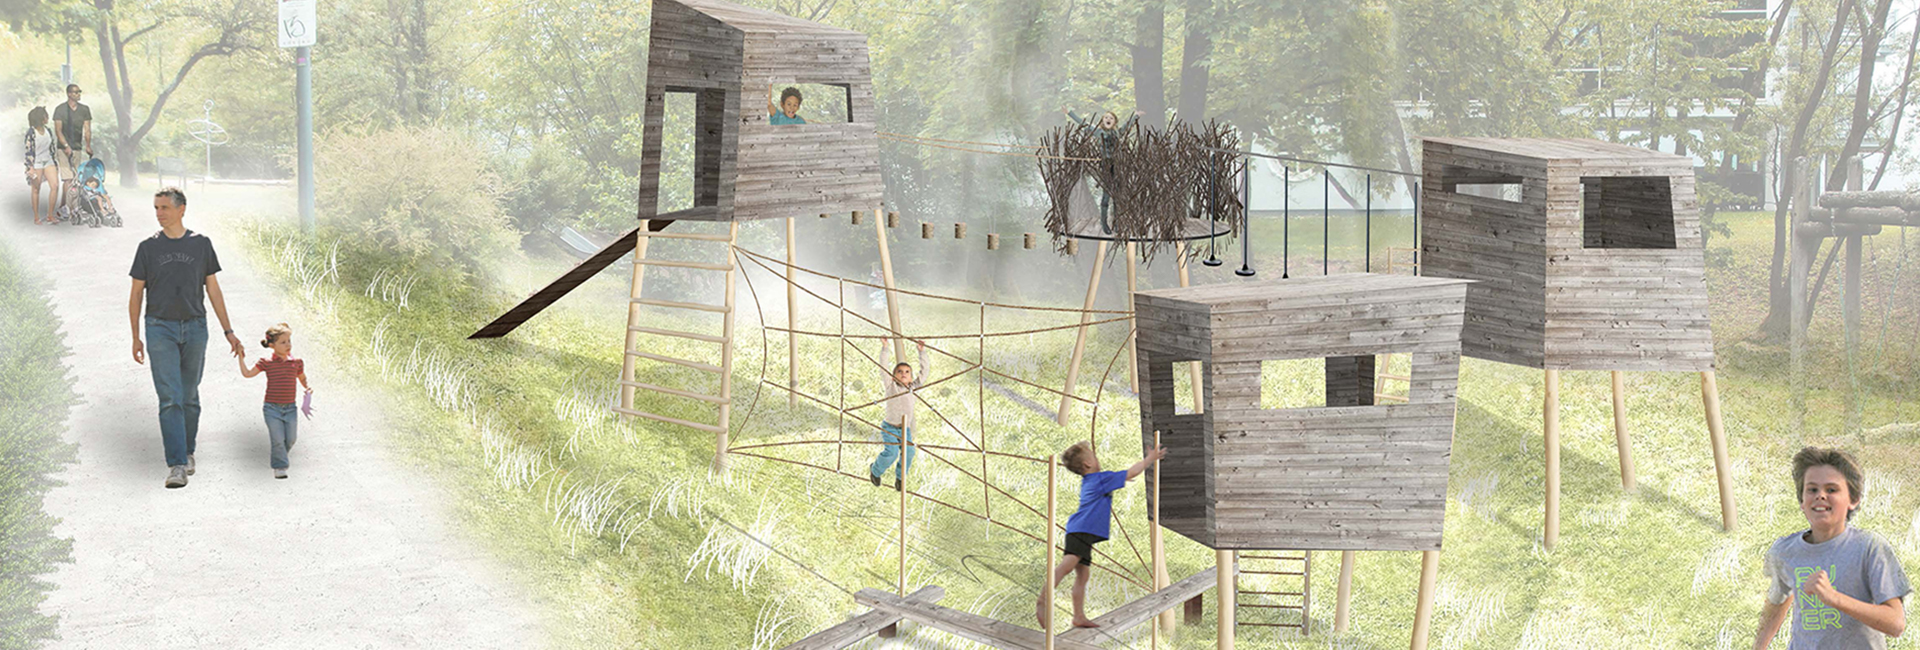 Zeichnung von Kindern, die auf einem Klettergerüst im Park spielen